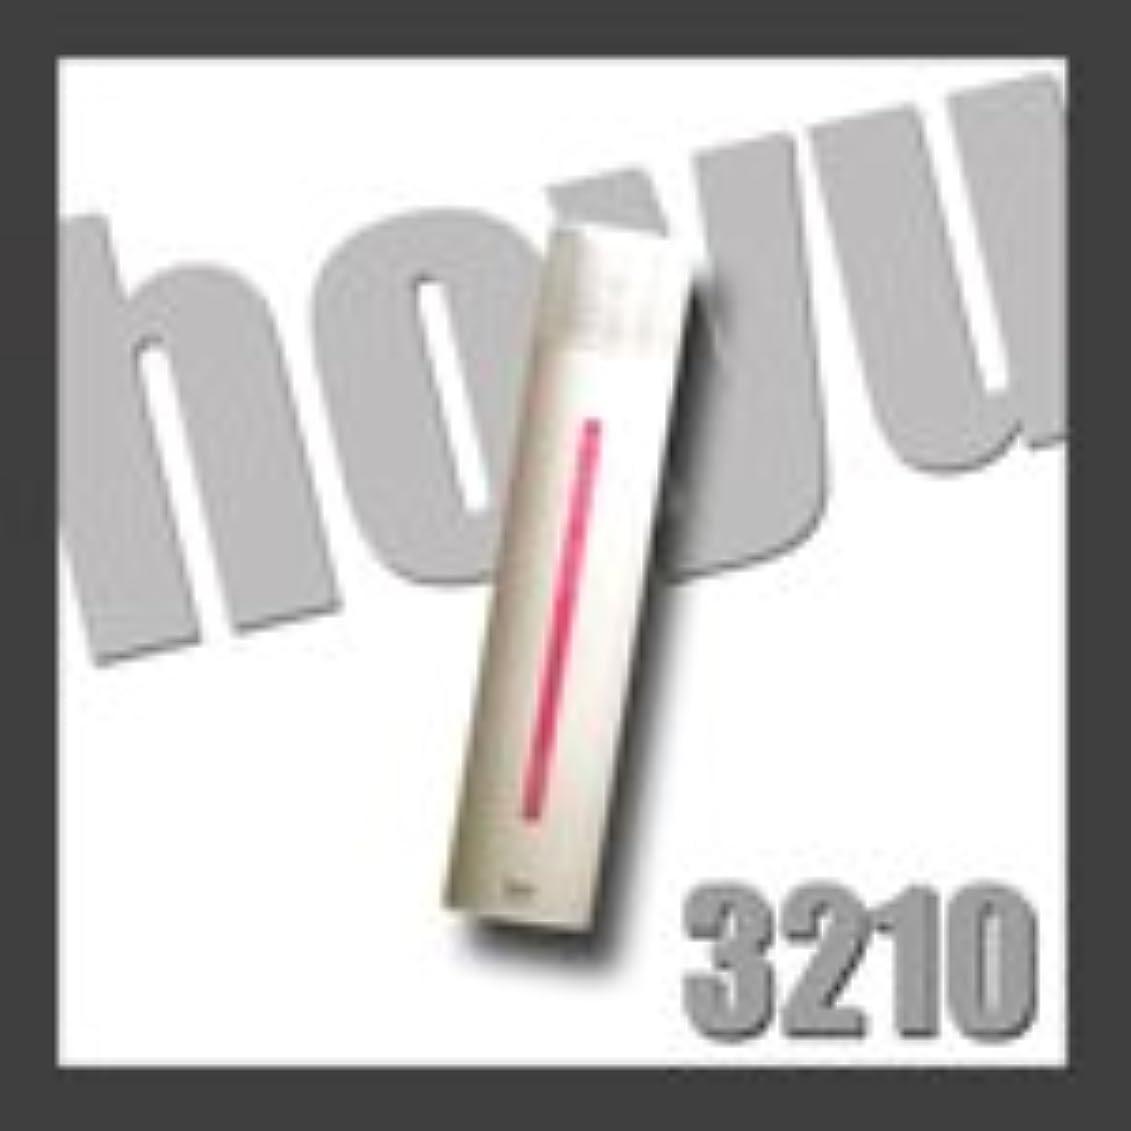 エラー債権者サポートHOYU ホーユー 3210 ミニーレ スプリール スタイリングスプレー HF ハードフィックス 180g